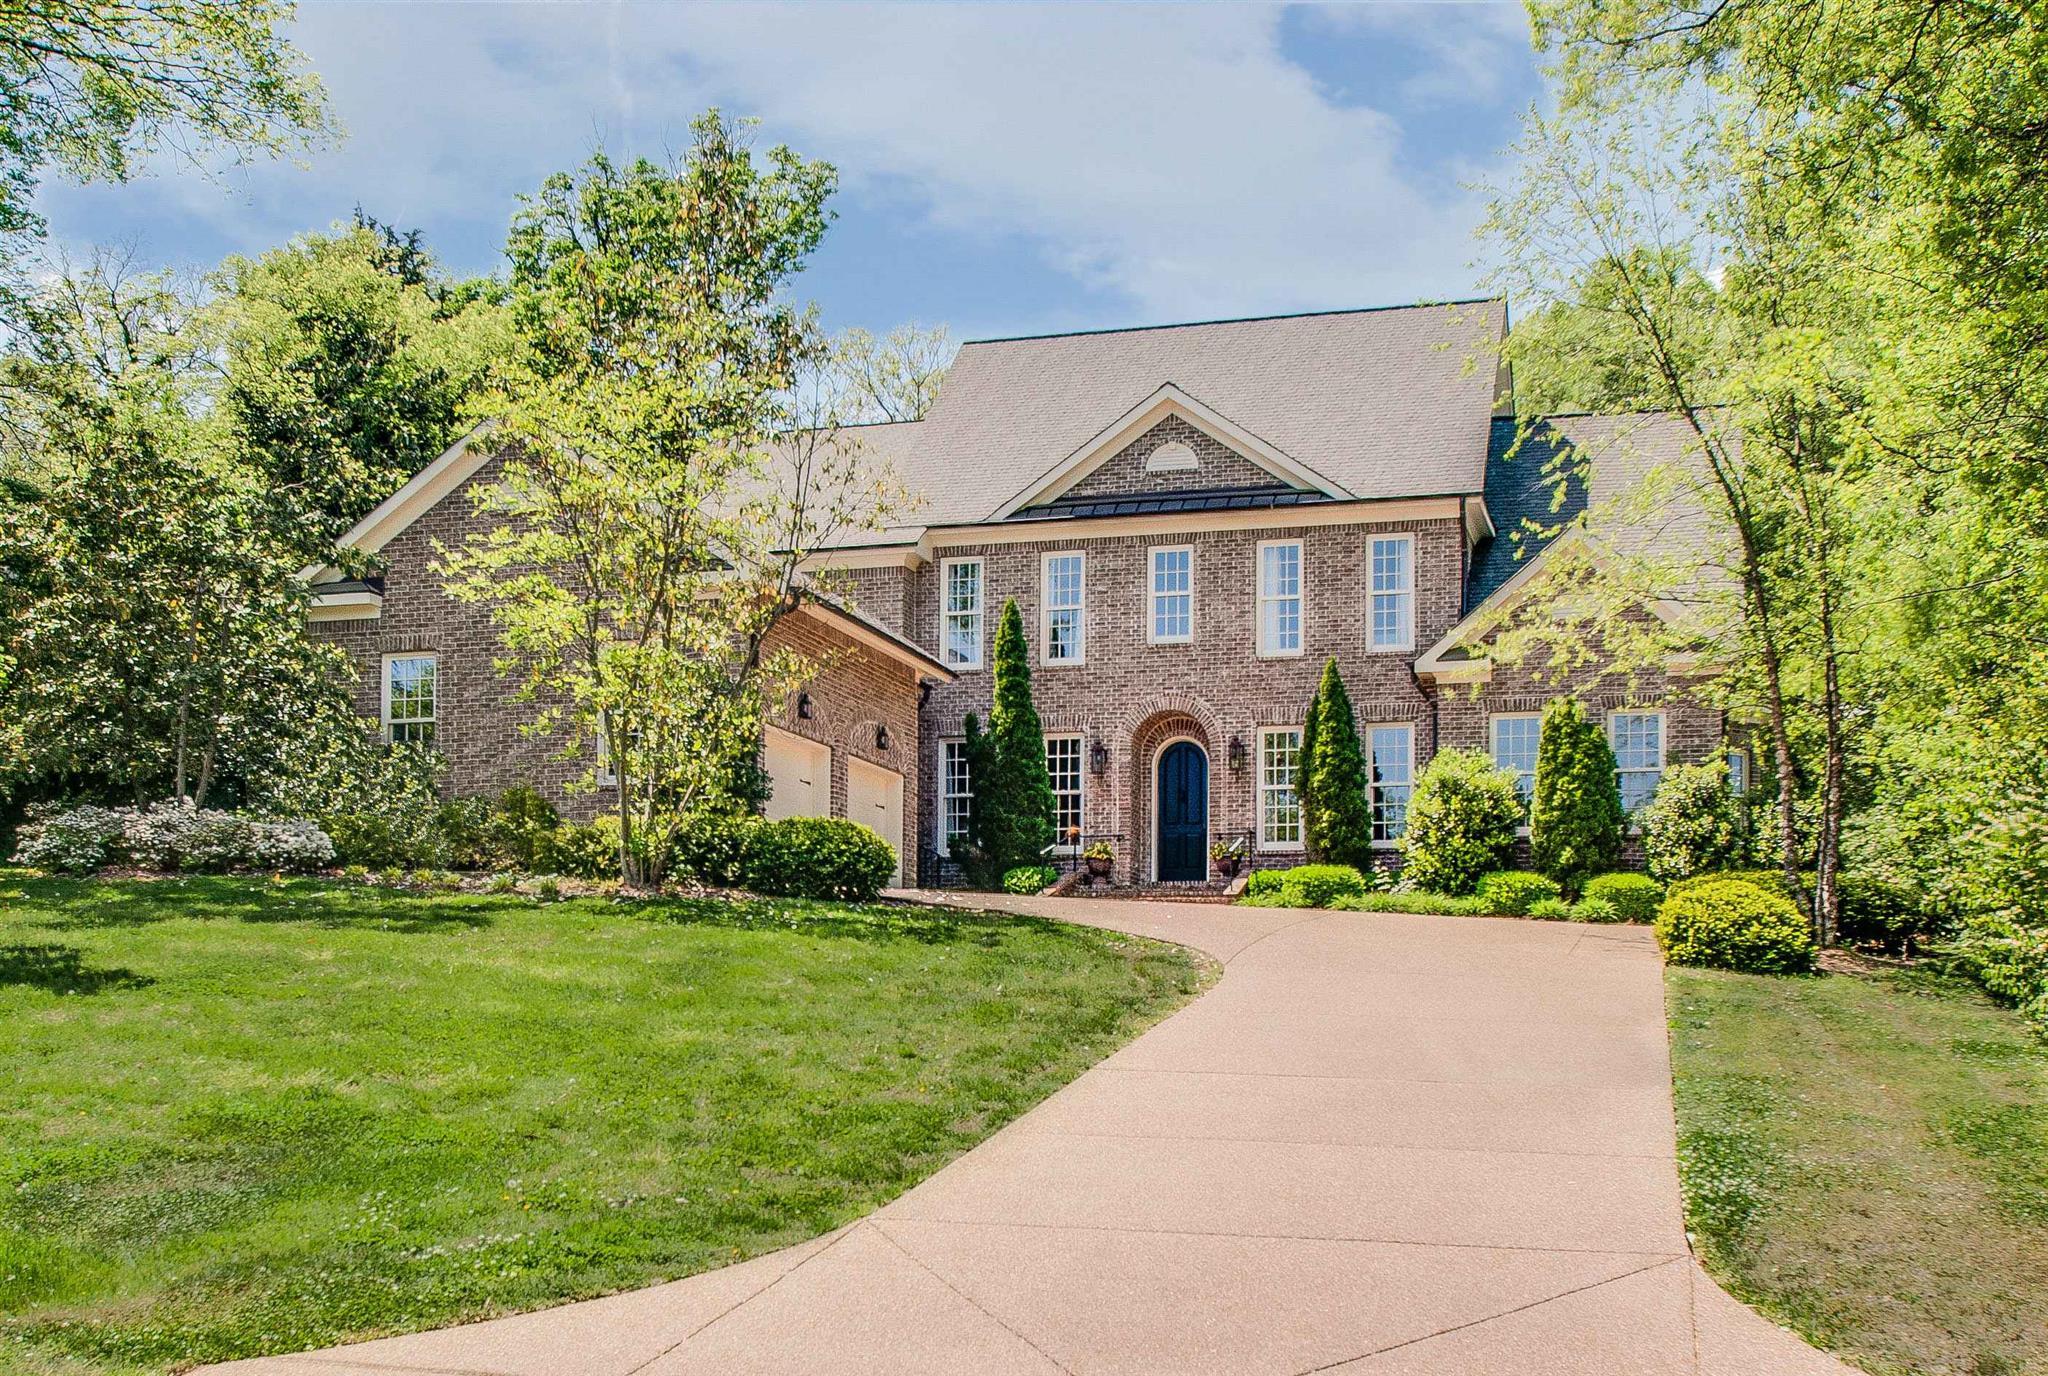 3423 Hopkins St, Nashville - Green Hills Gated for Sale